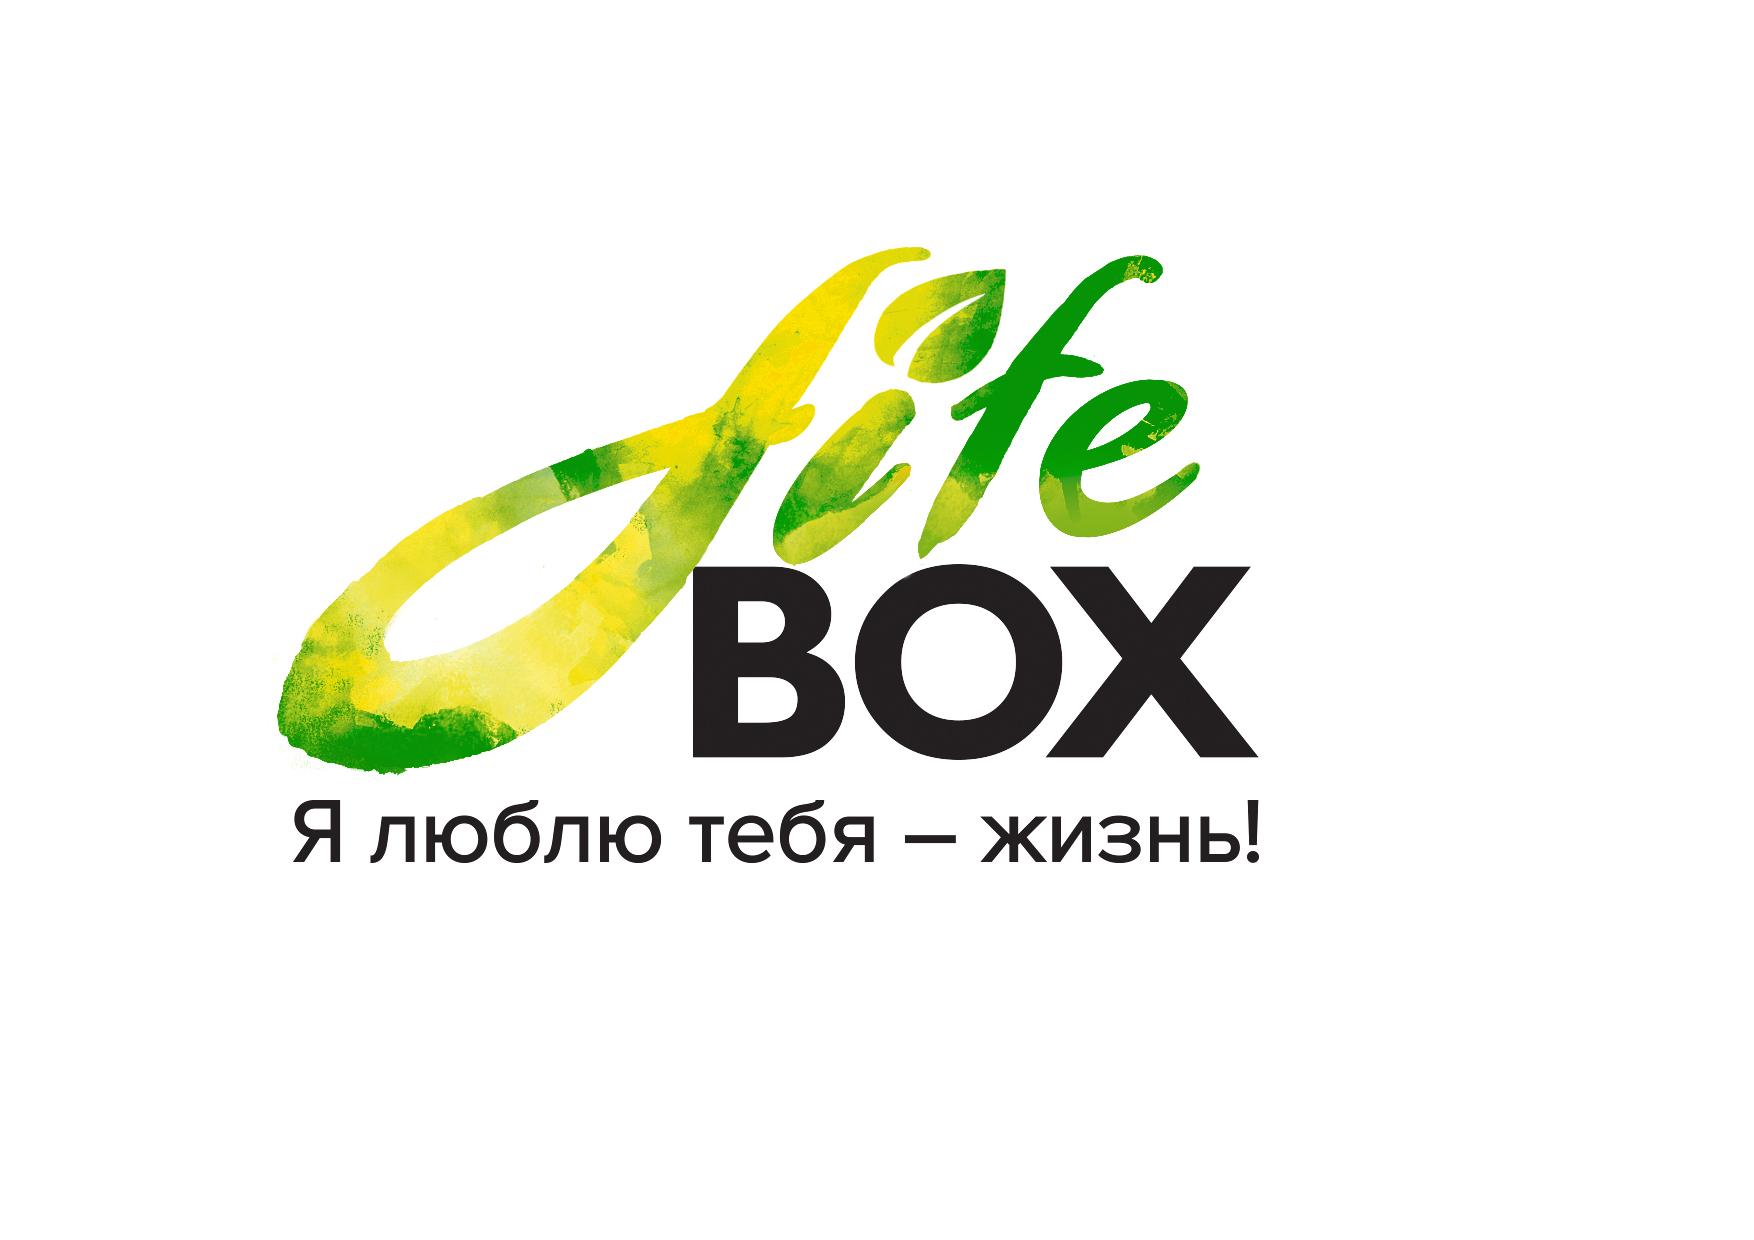 Разработка Логотипа. Победитель получит расширеный заказ  фото f_9785c4d08e06fc4e.jpg